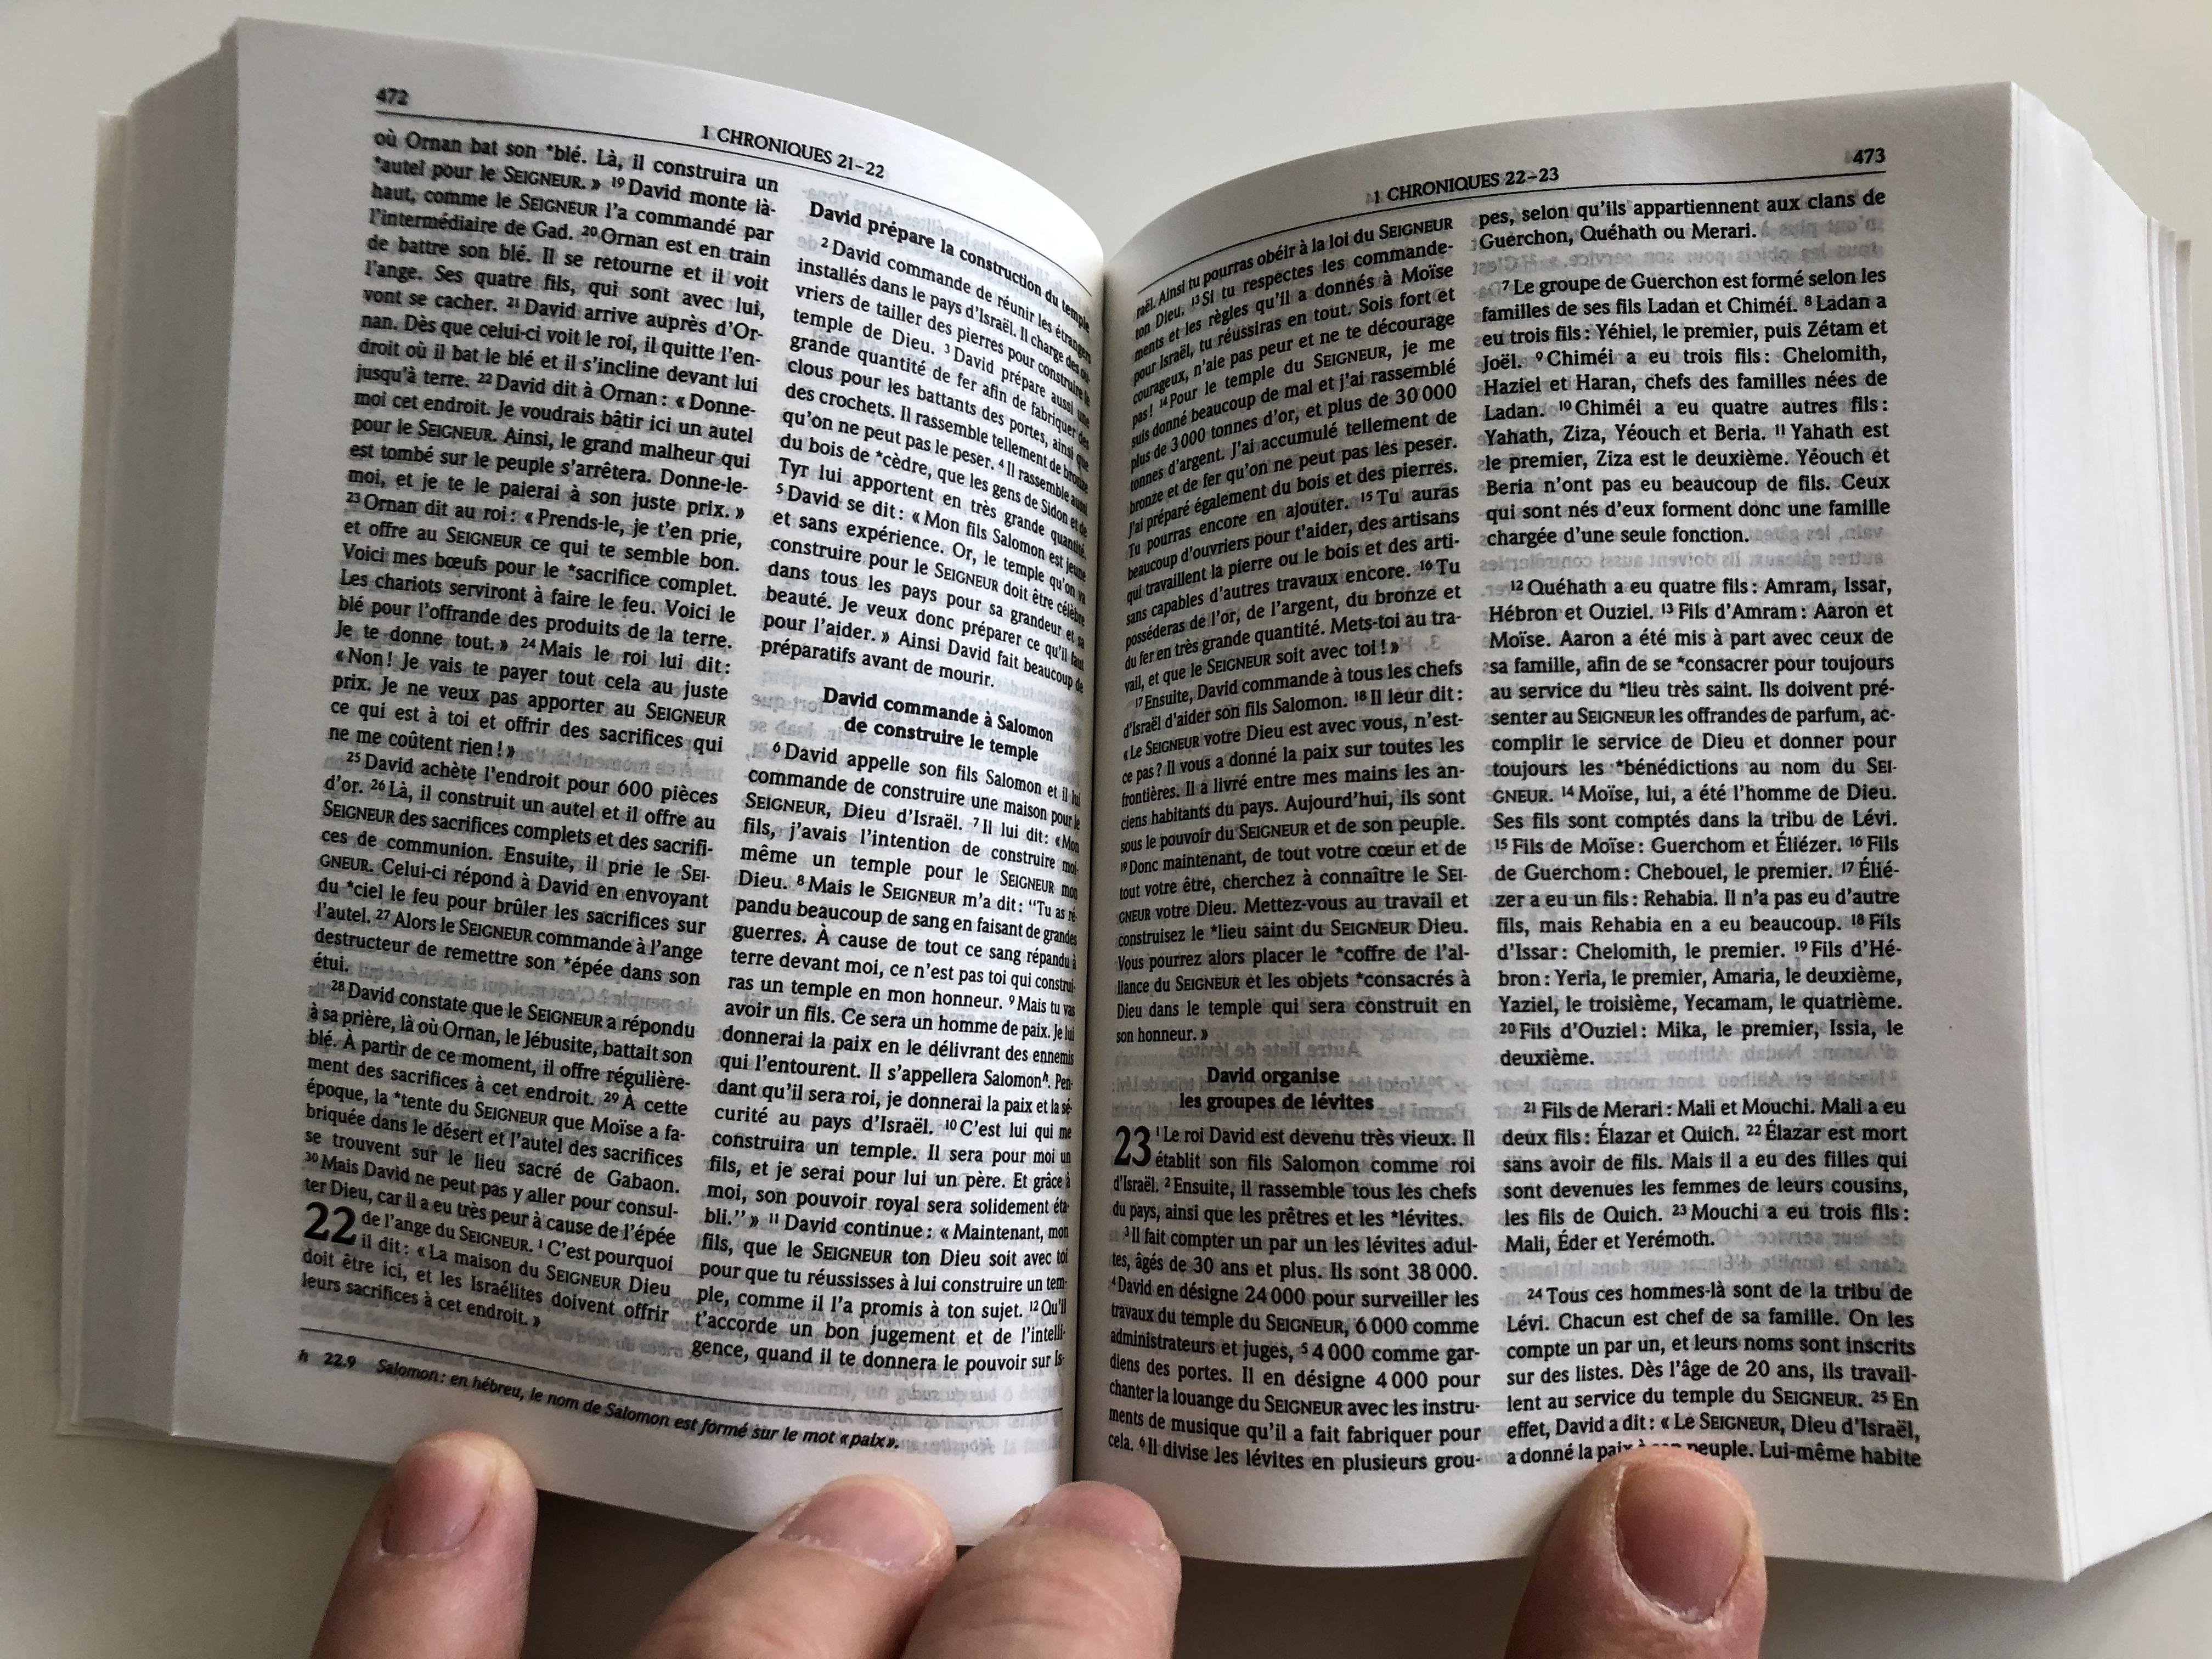 -la-bible-parole-de-vie-french-language-word-of-life-bible-ancien-testament-et-nouveau-testament-8-.jpg